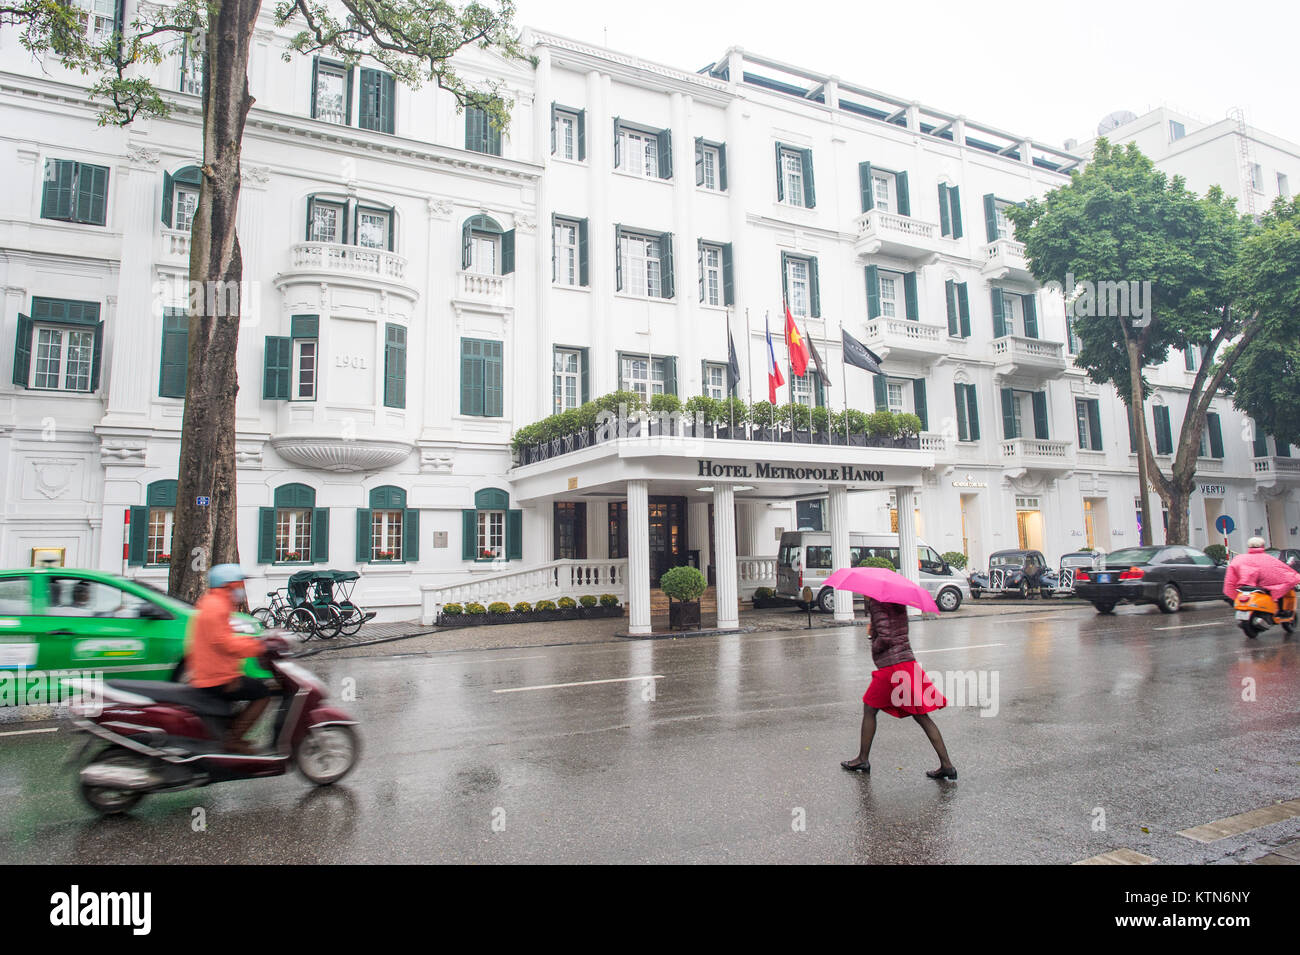 Metropole Hotel in Hanoi an einem regnerischen Tag im Februar. Dieses legendäre Hotel im französischen Stockbild